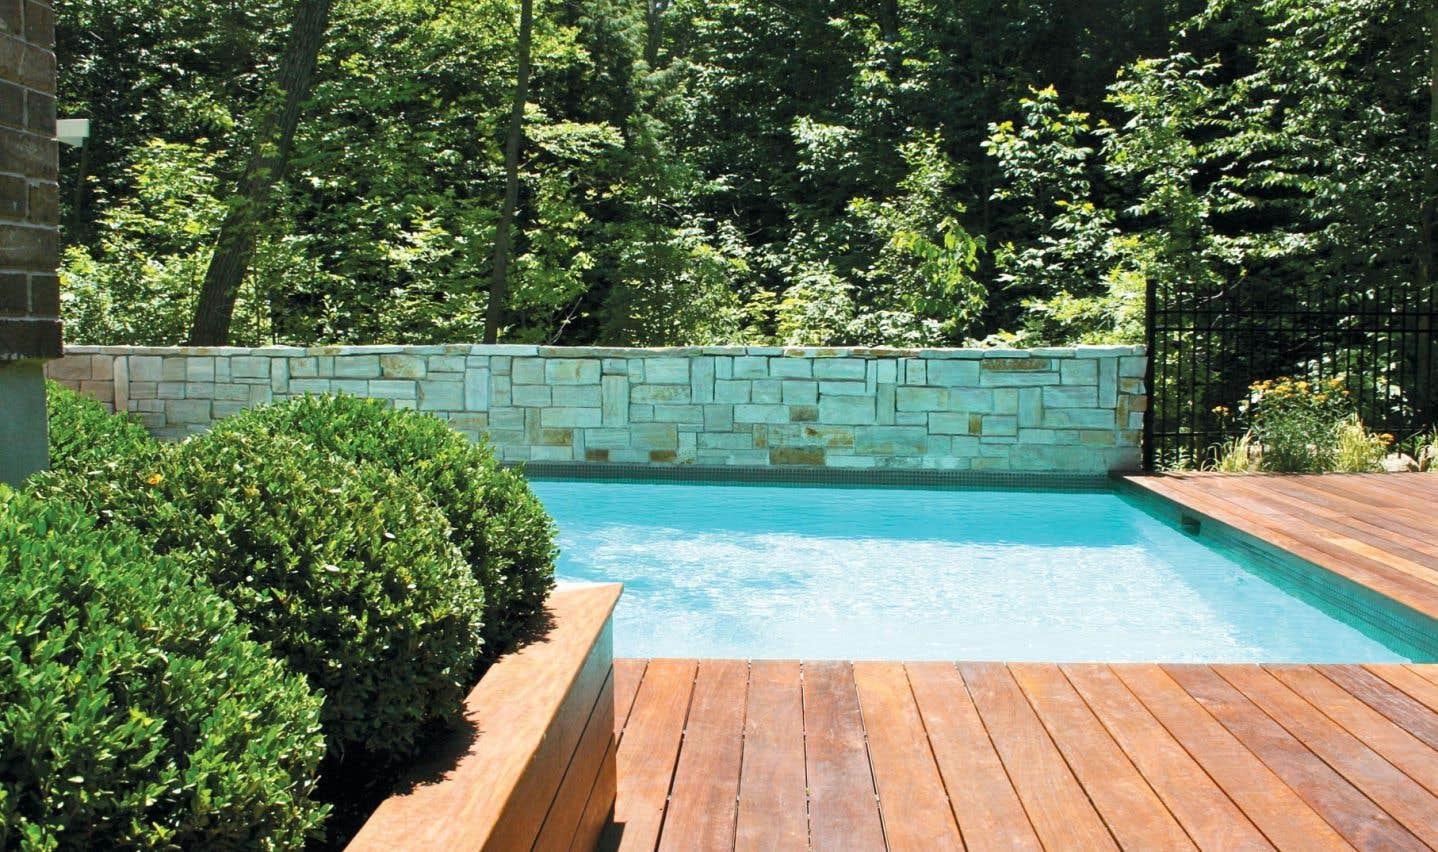 Dans le monde de l'aménagement paysager, la tendance est très forte pour les aménagements contemporains. La piscine est aussi influencée et les clients demandent des bassins de béton peu profonds et aux formes rectangulaires.